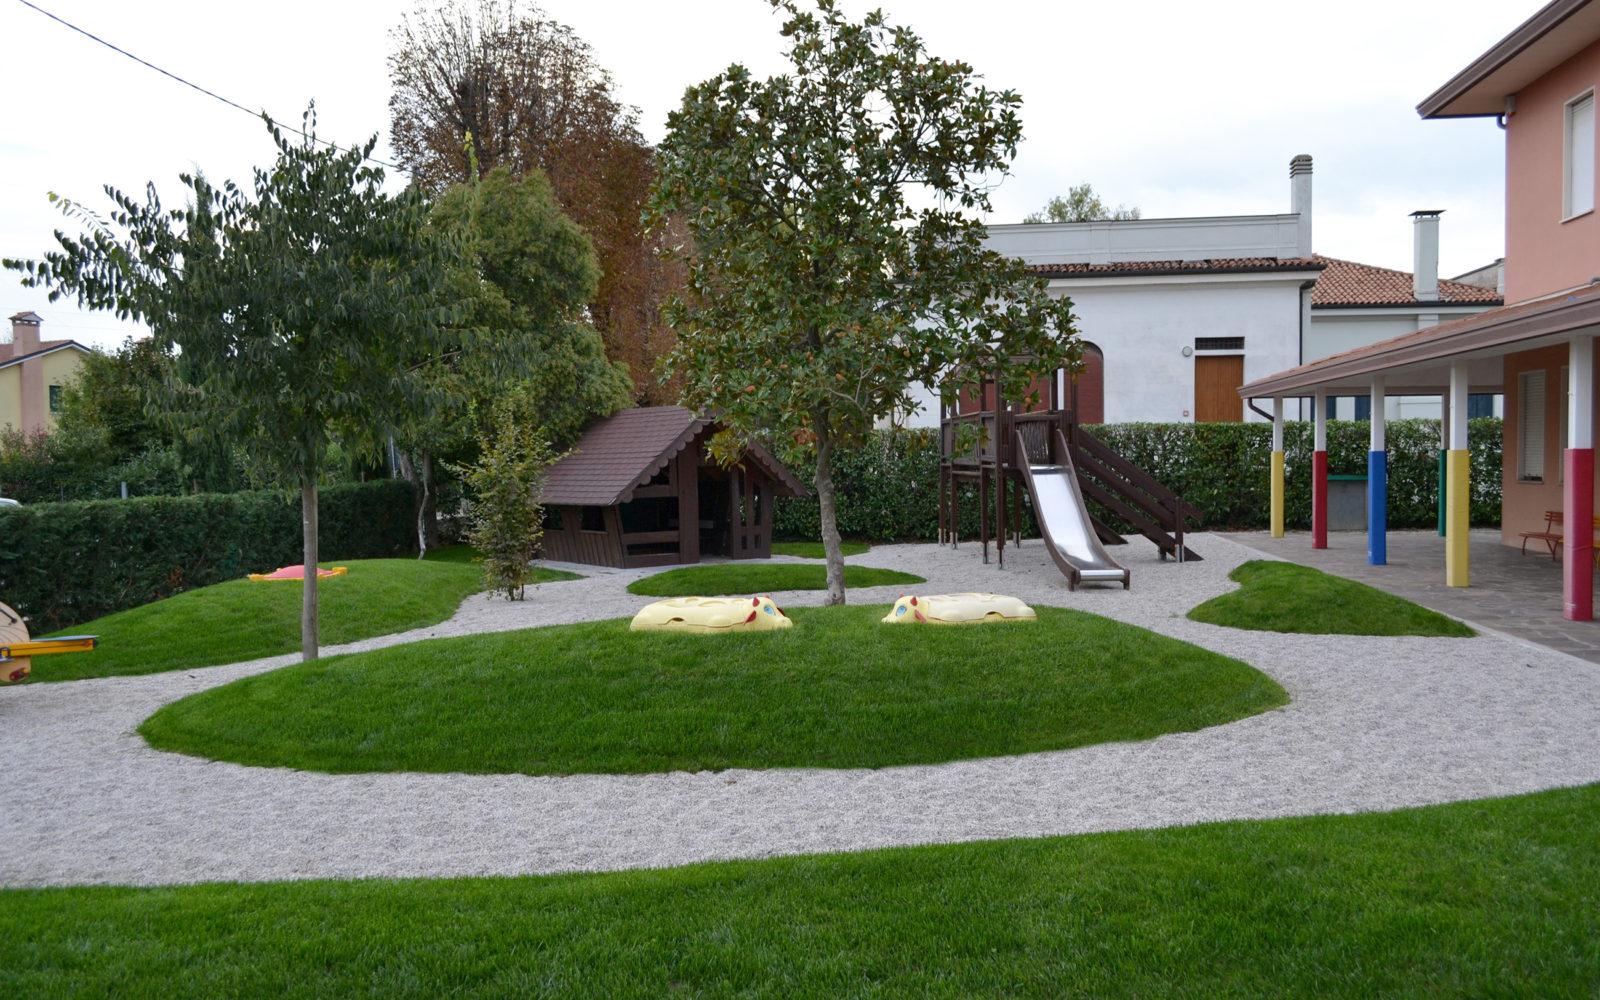 giardino ludico della scuola materna Pio X a Lancenigo di Villorba - 1